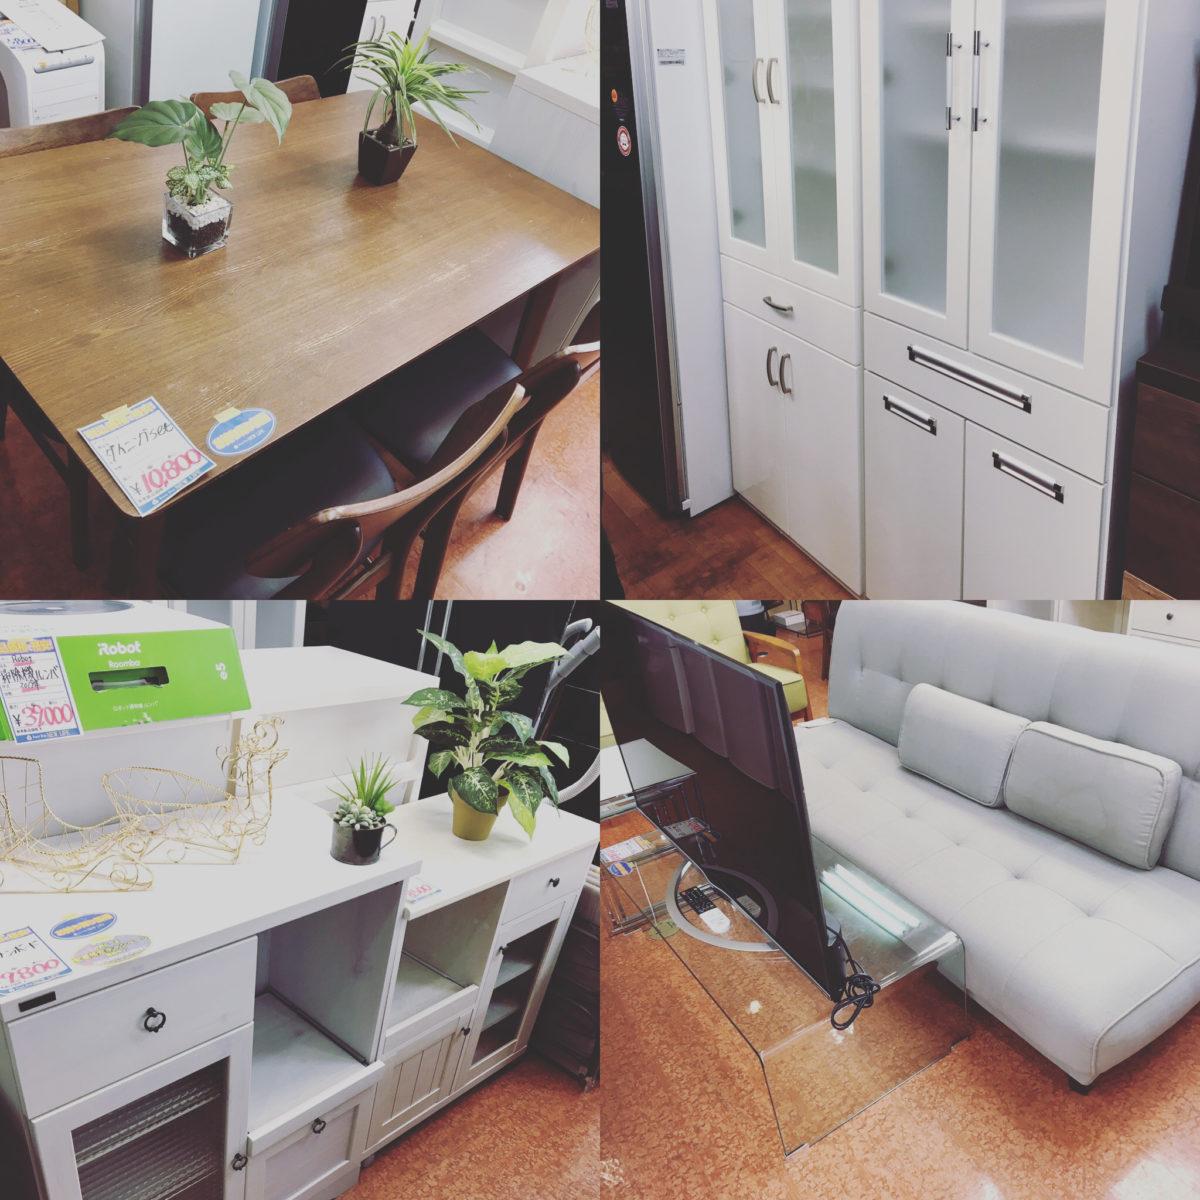 家電家具の無料出張、高価買取!沖縄リサイクルショップニューライフ